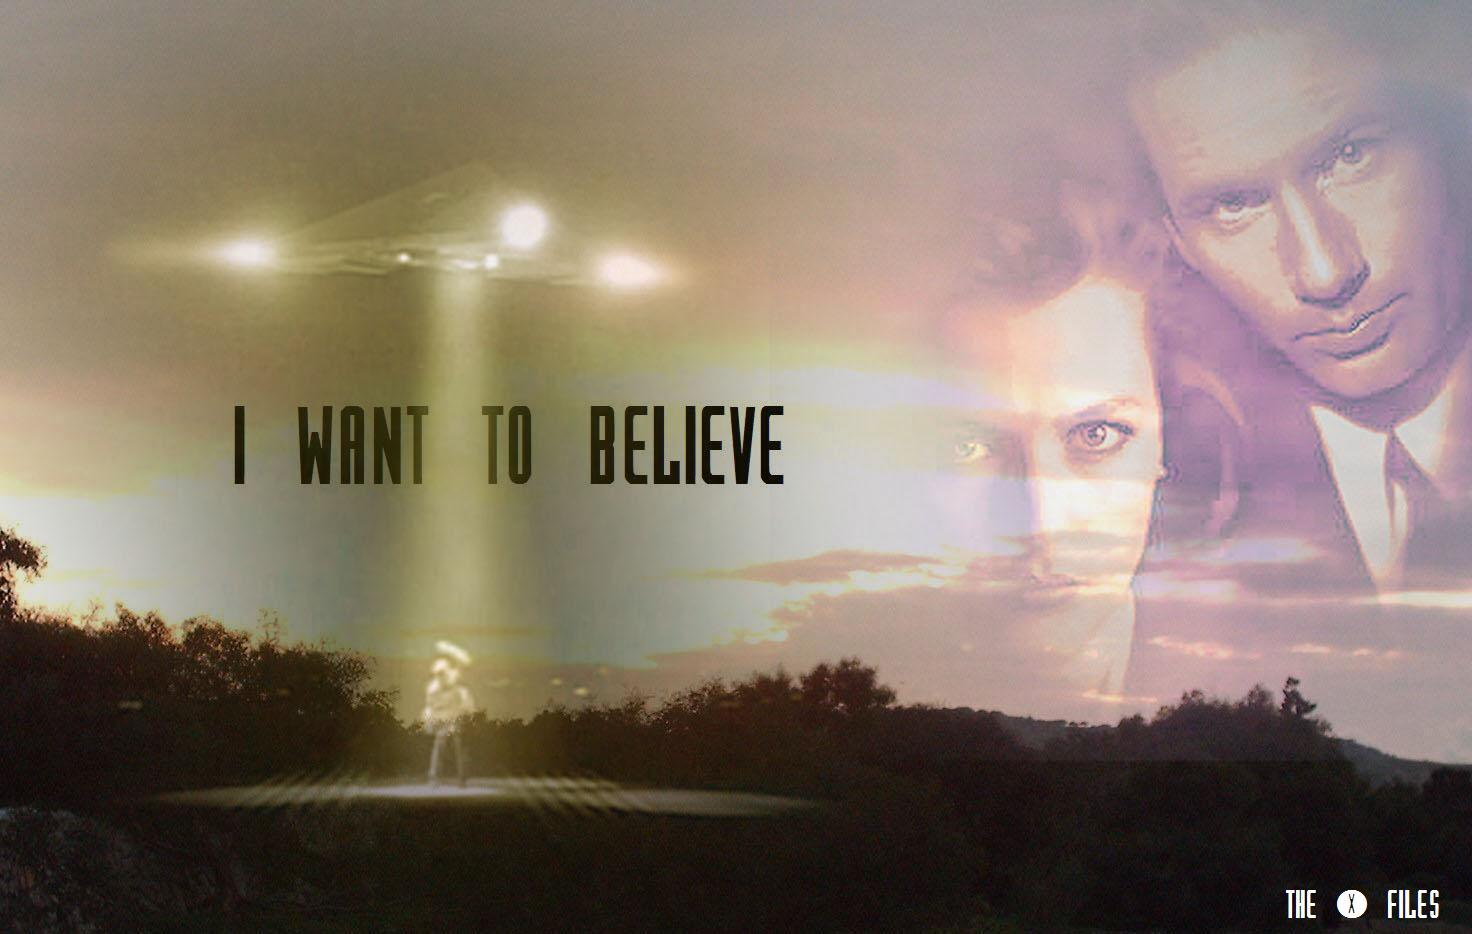 I_want_to_believe_by_Xfel13.jpg